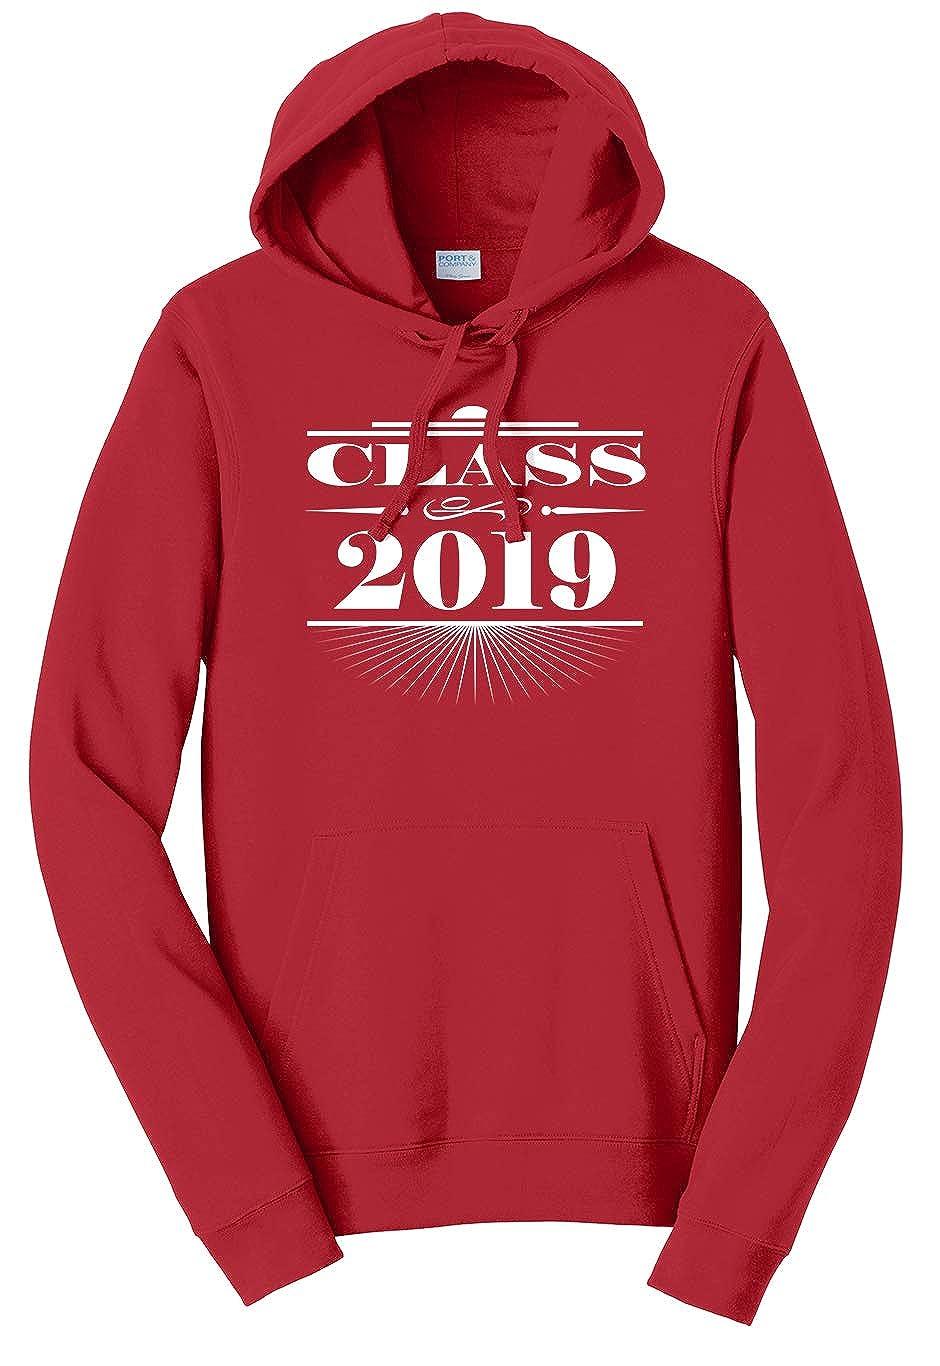 Tenacitee Unisex Art Deco Class of 2019 Sweatshirt